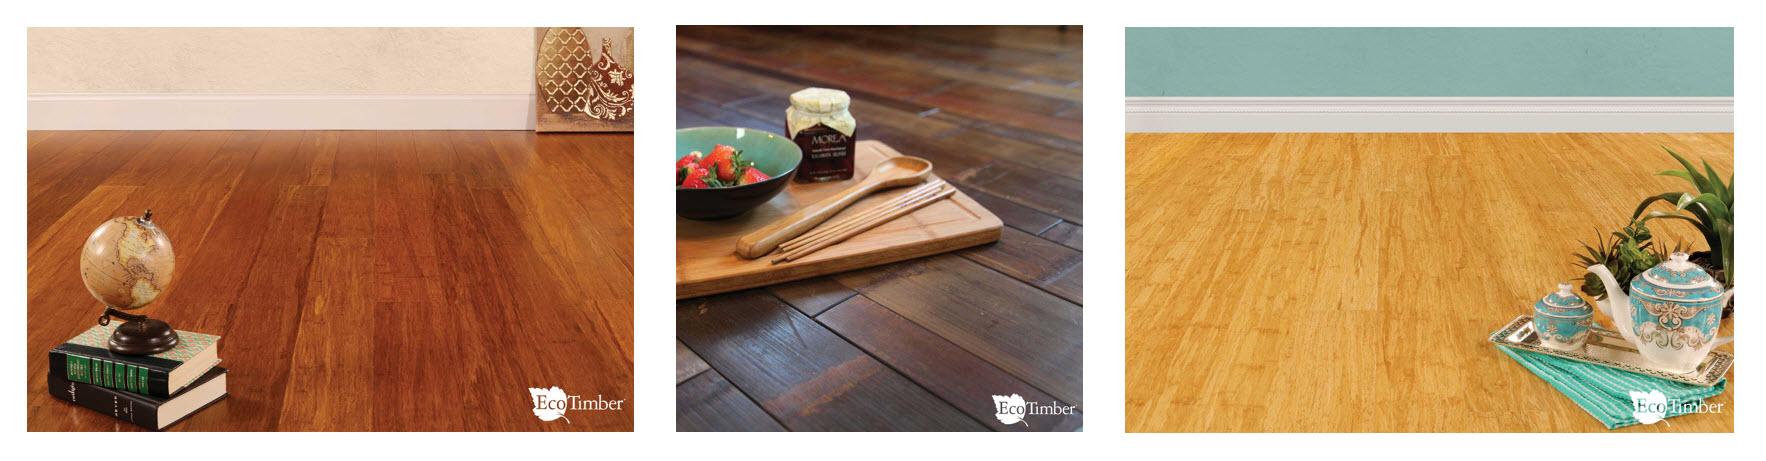 EcoTimber Bamboo Flooring